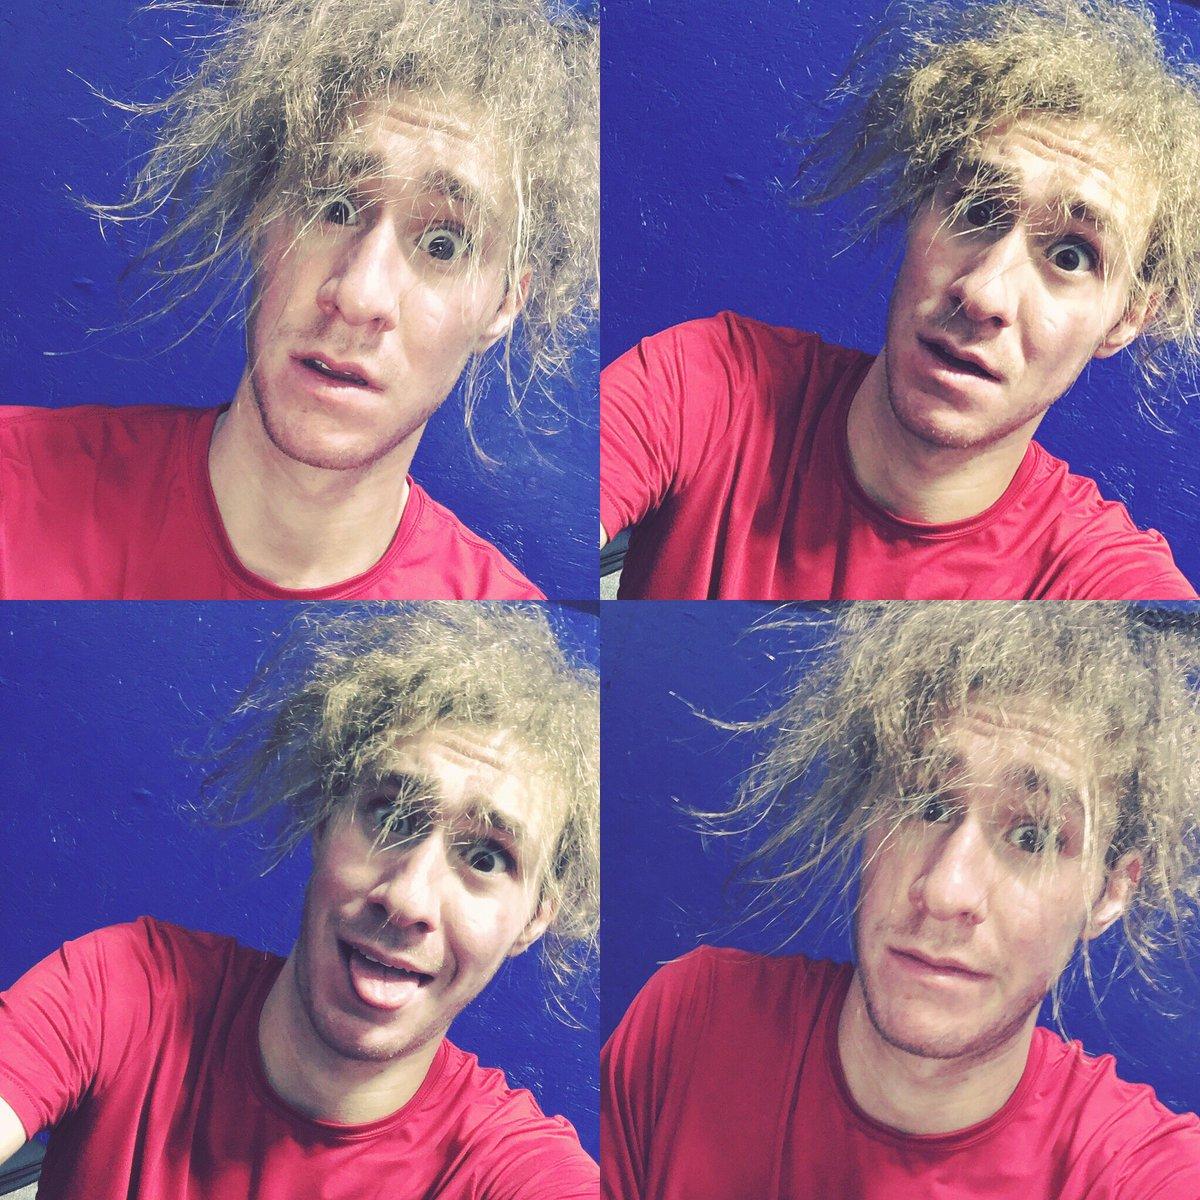 ジェイソン・ブラウンの髪の毛が爆発?大変な事になってる